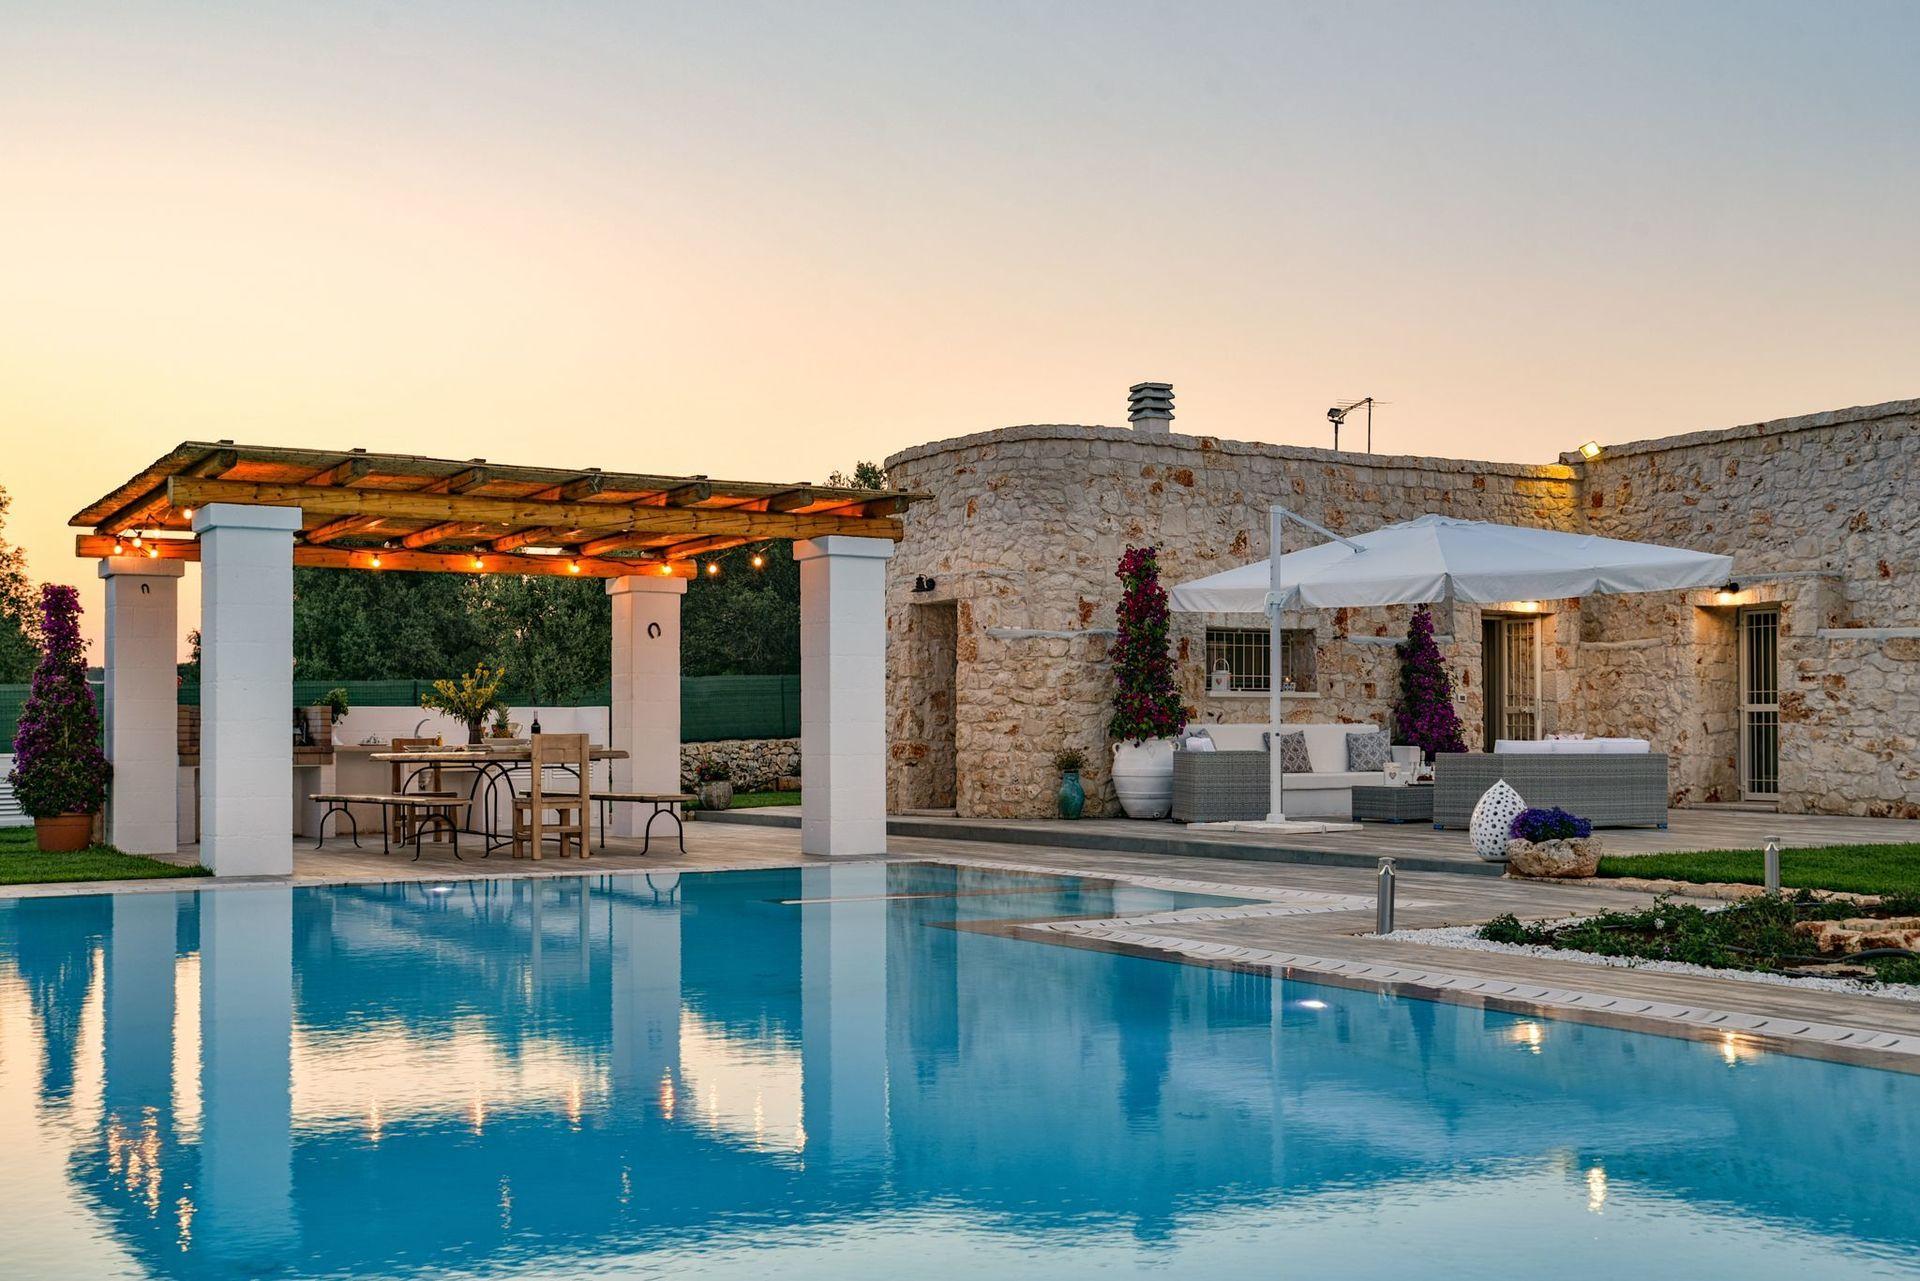 Trulli Nicoletta Location De Vacances - Couchages 6 Dans 3 ... concernant Location Maison Piscine Privée Dernière Minute